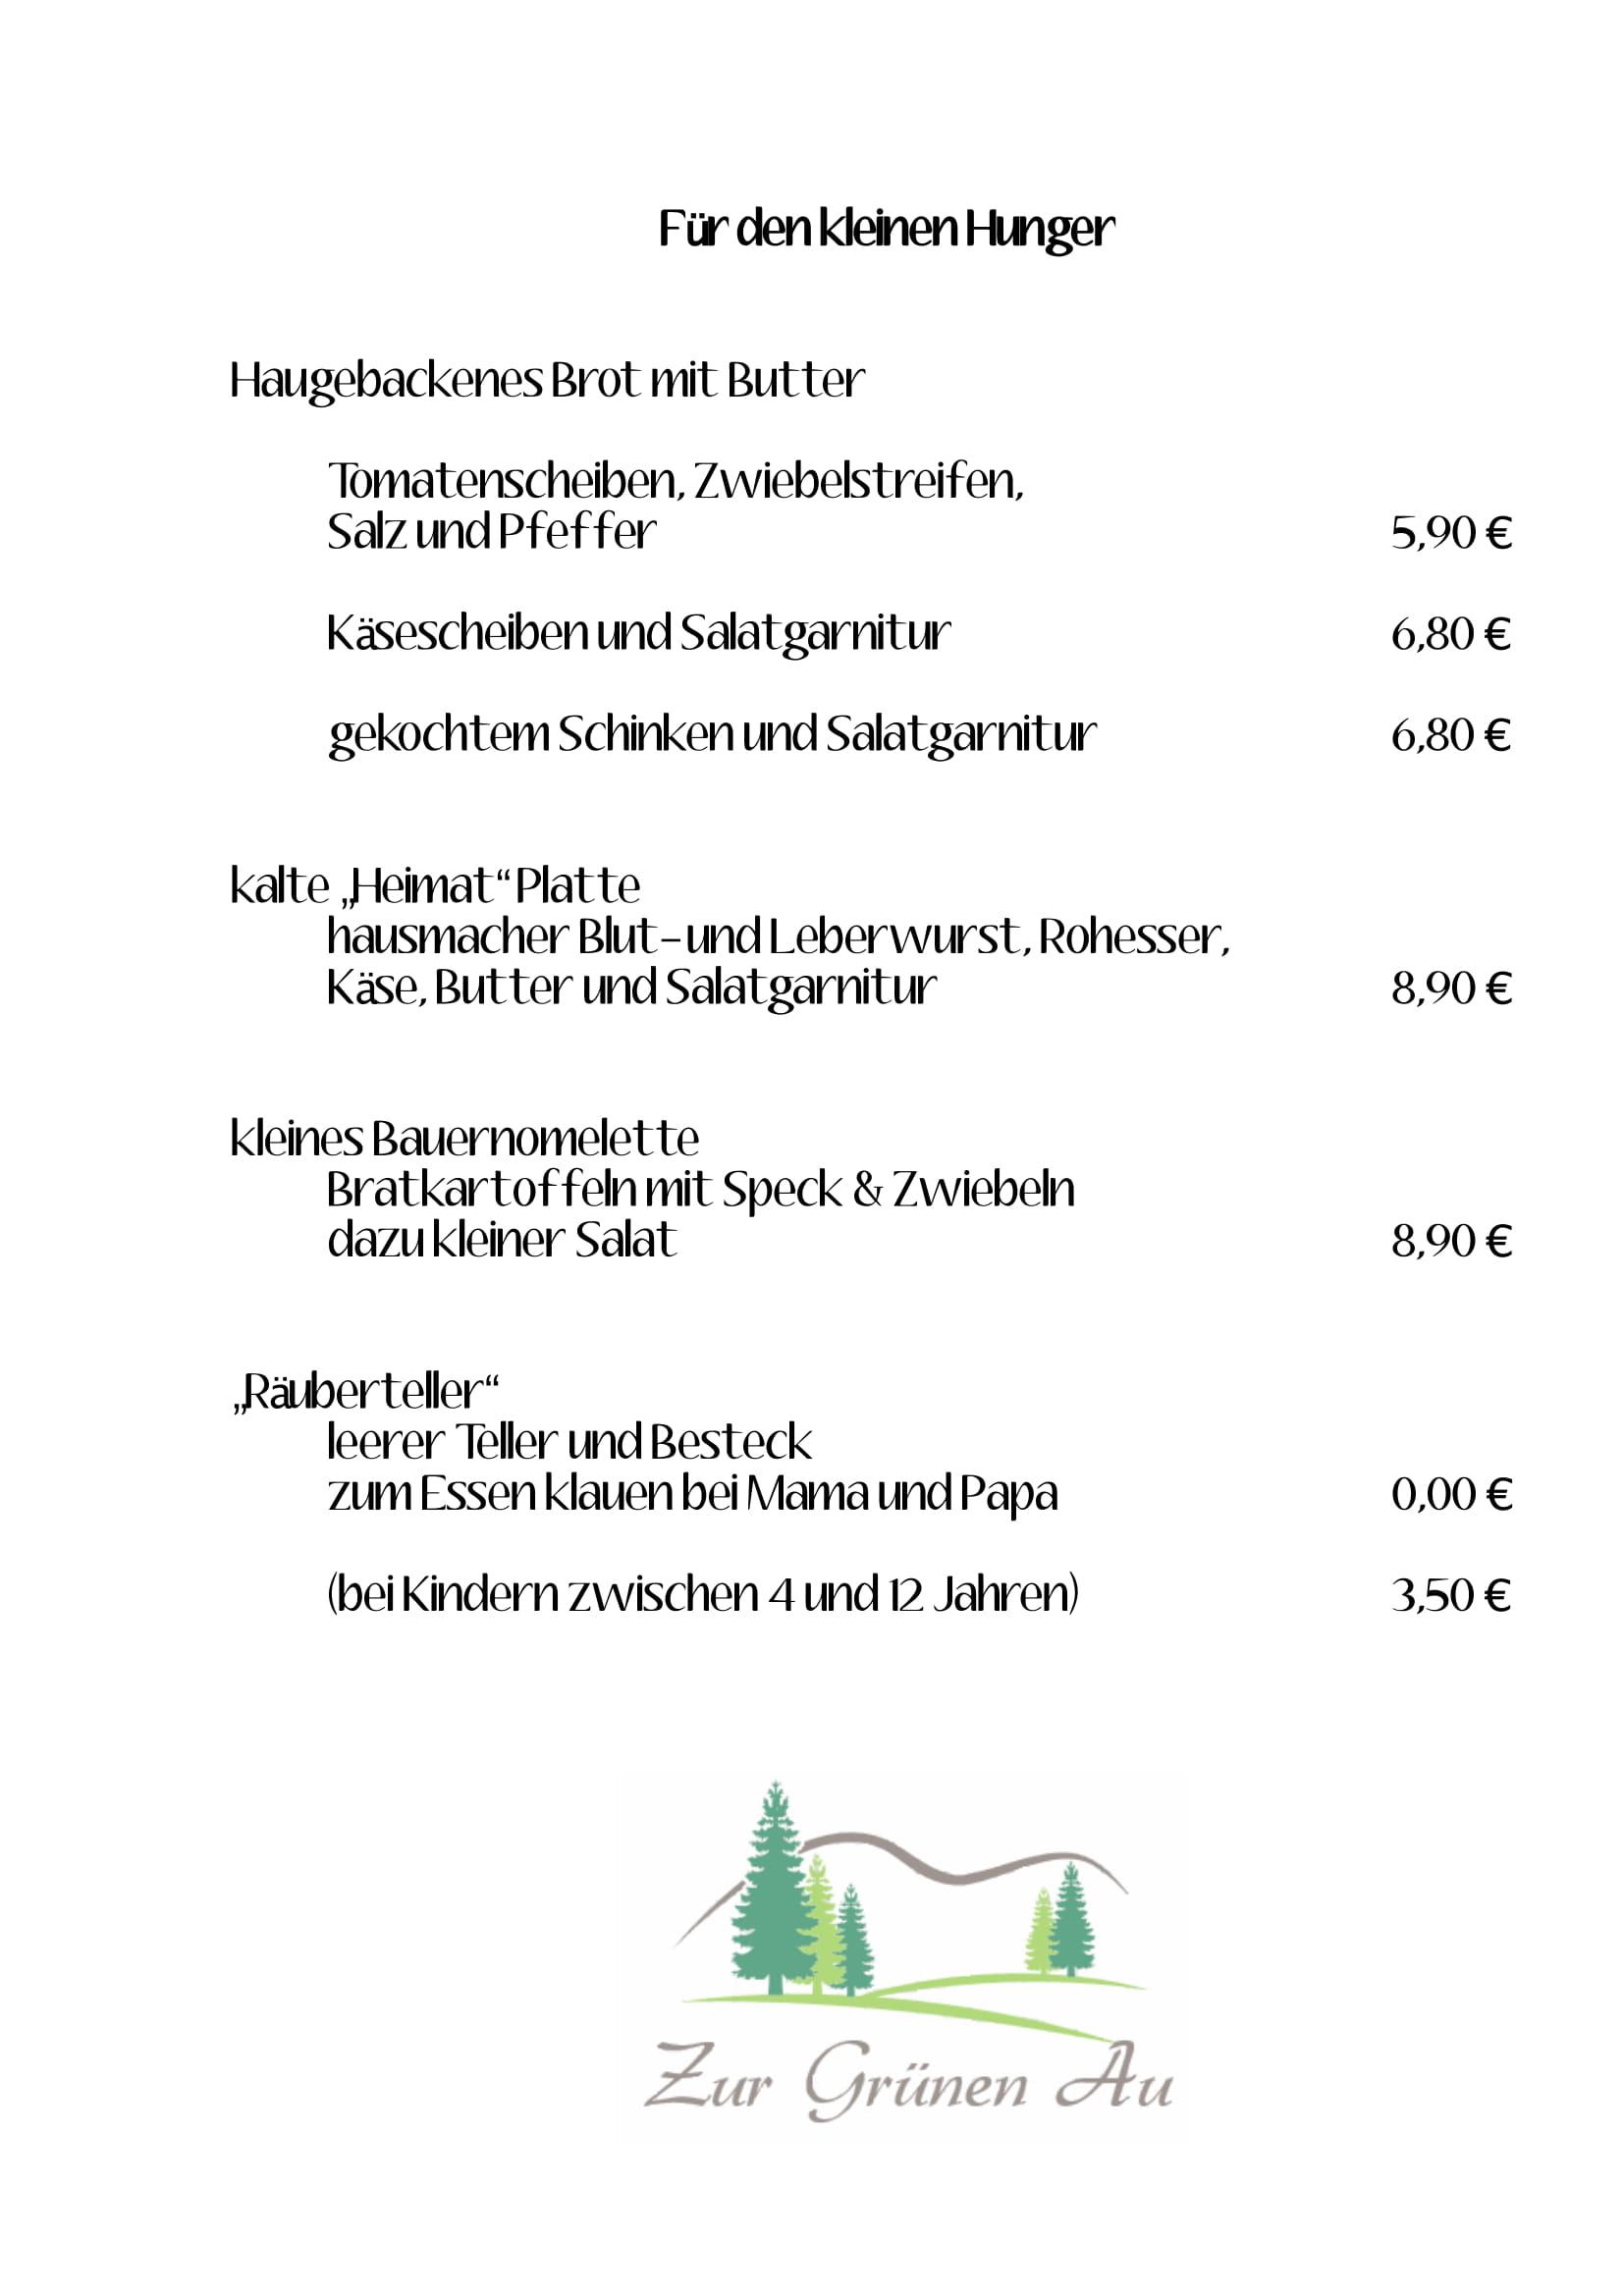 Speisekarte Zur Grünen Au